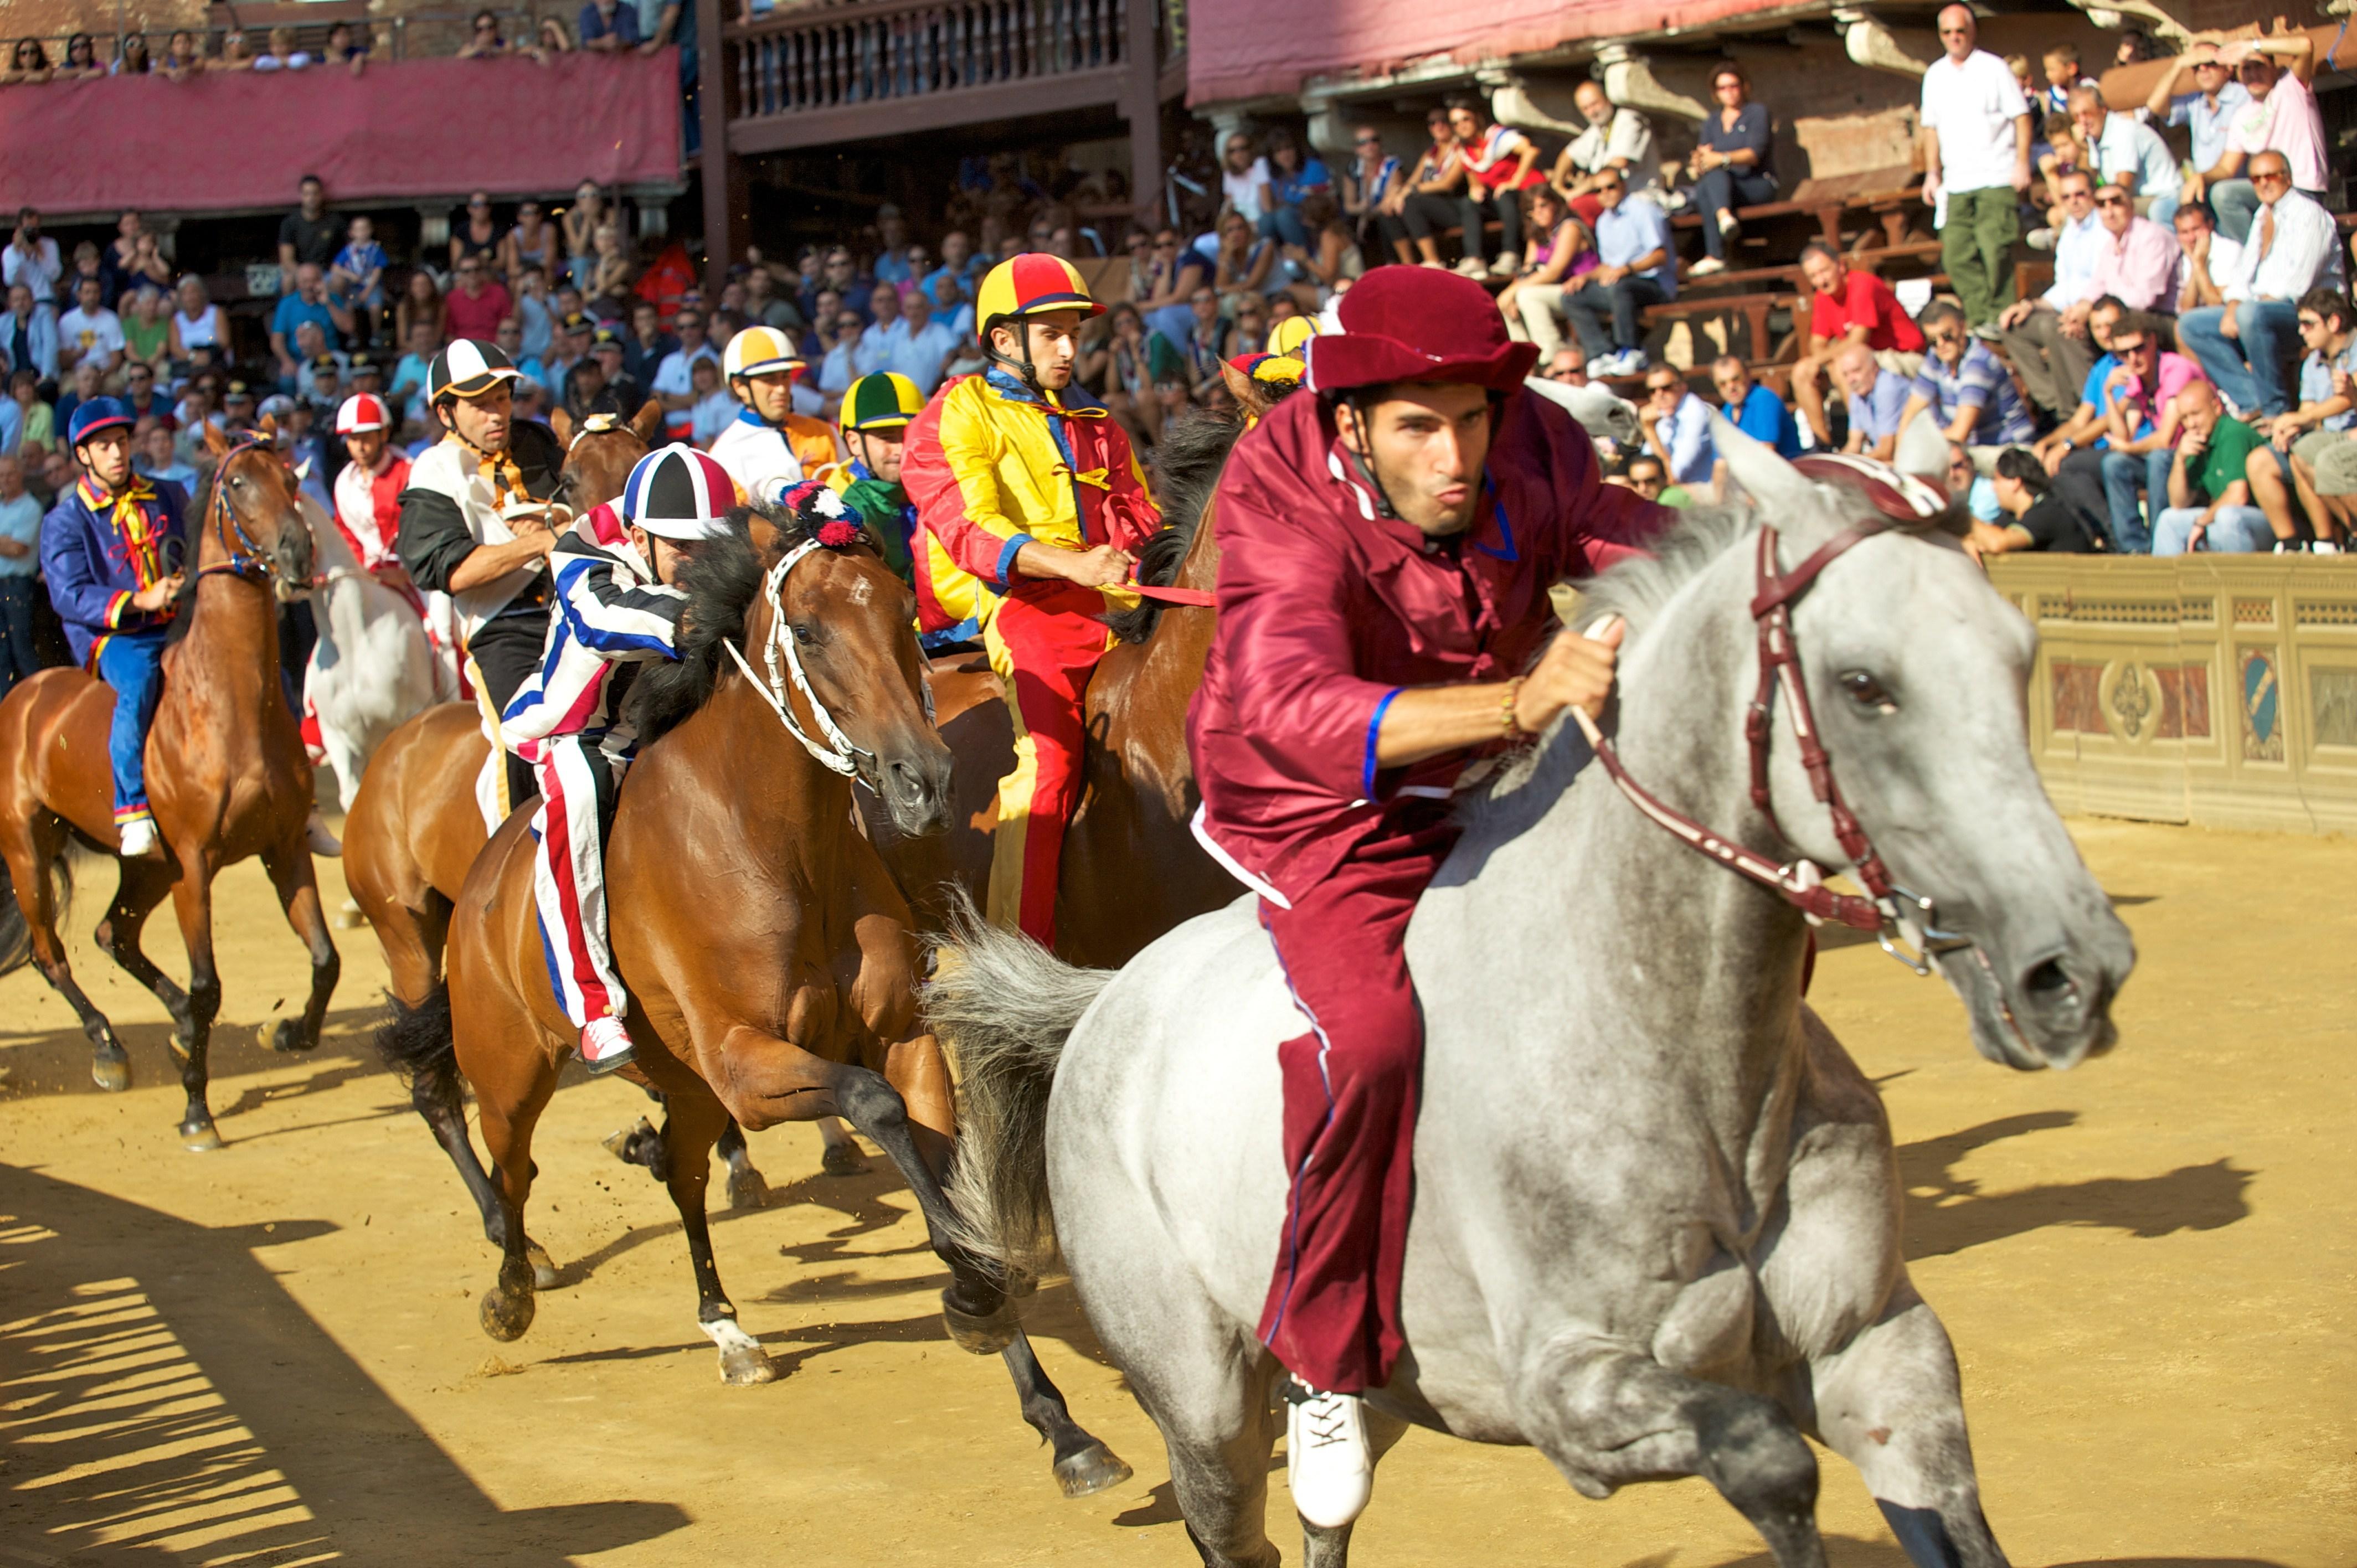 Lễ hội đua ngựa Palio – Nét văn hóa đặc sắc của Siena